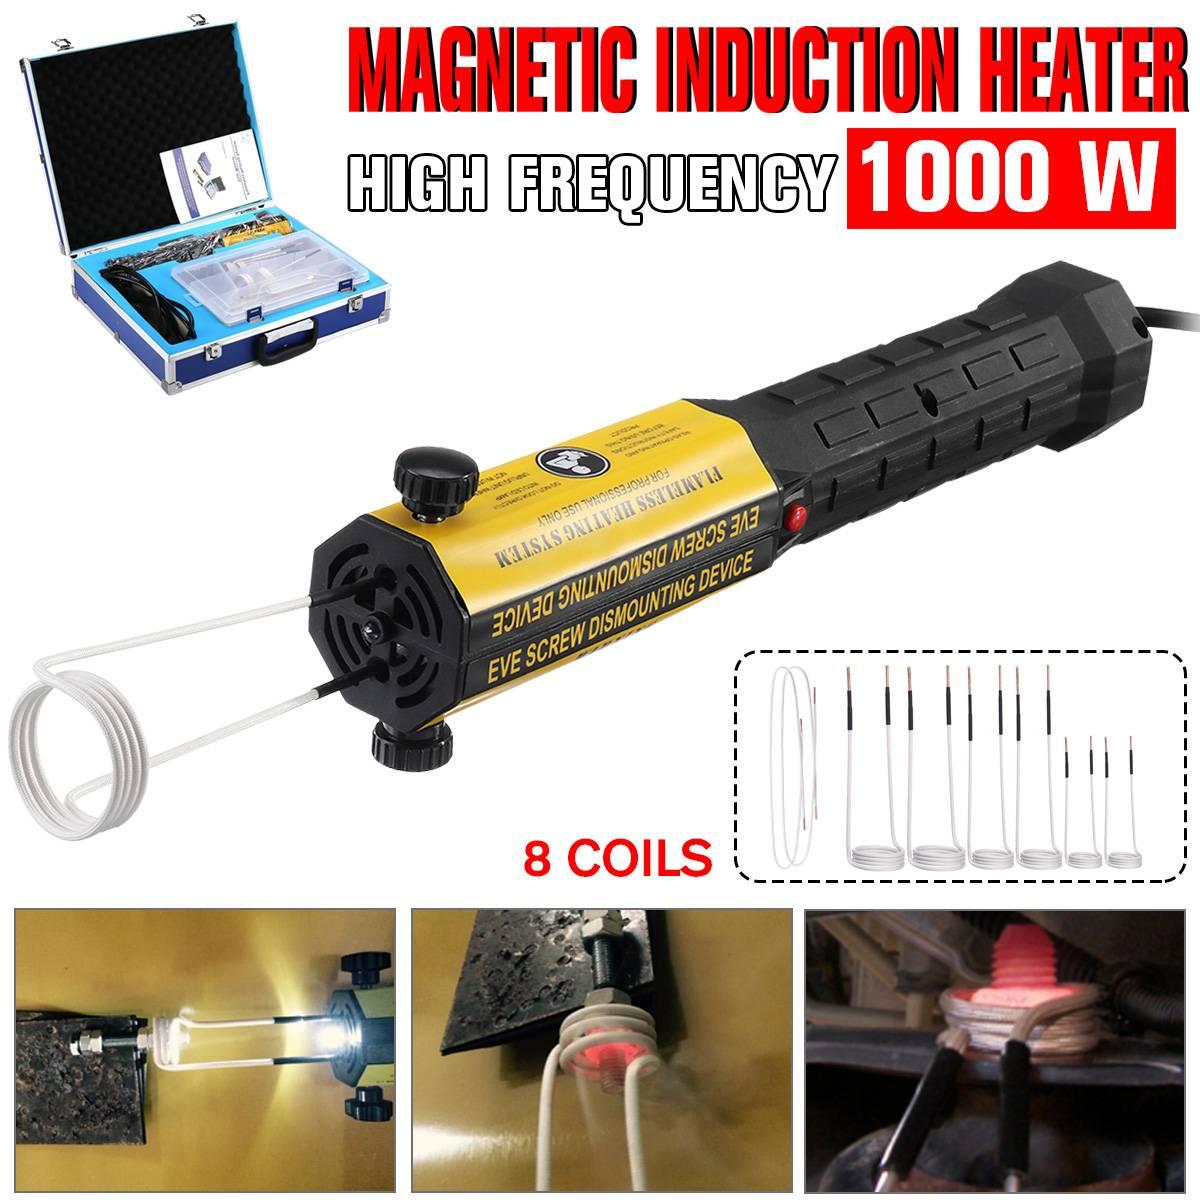 Kit de ferramentas sem chama do removedor do calor do parafuso aquecedor indução com 8 bobinas 110 v/220 v 1000 w aquecedor indução magnética ferramenta reparo carro